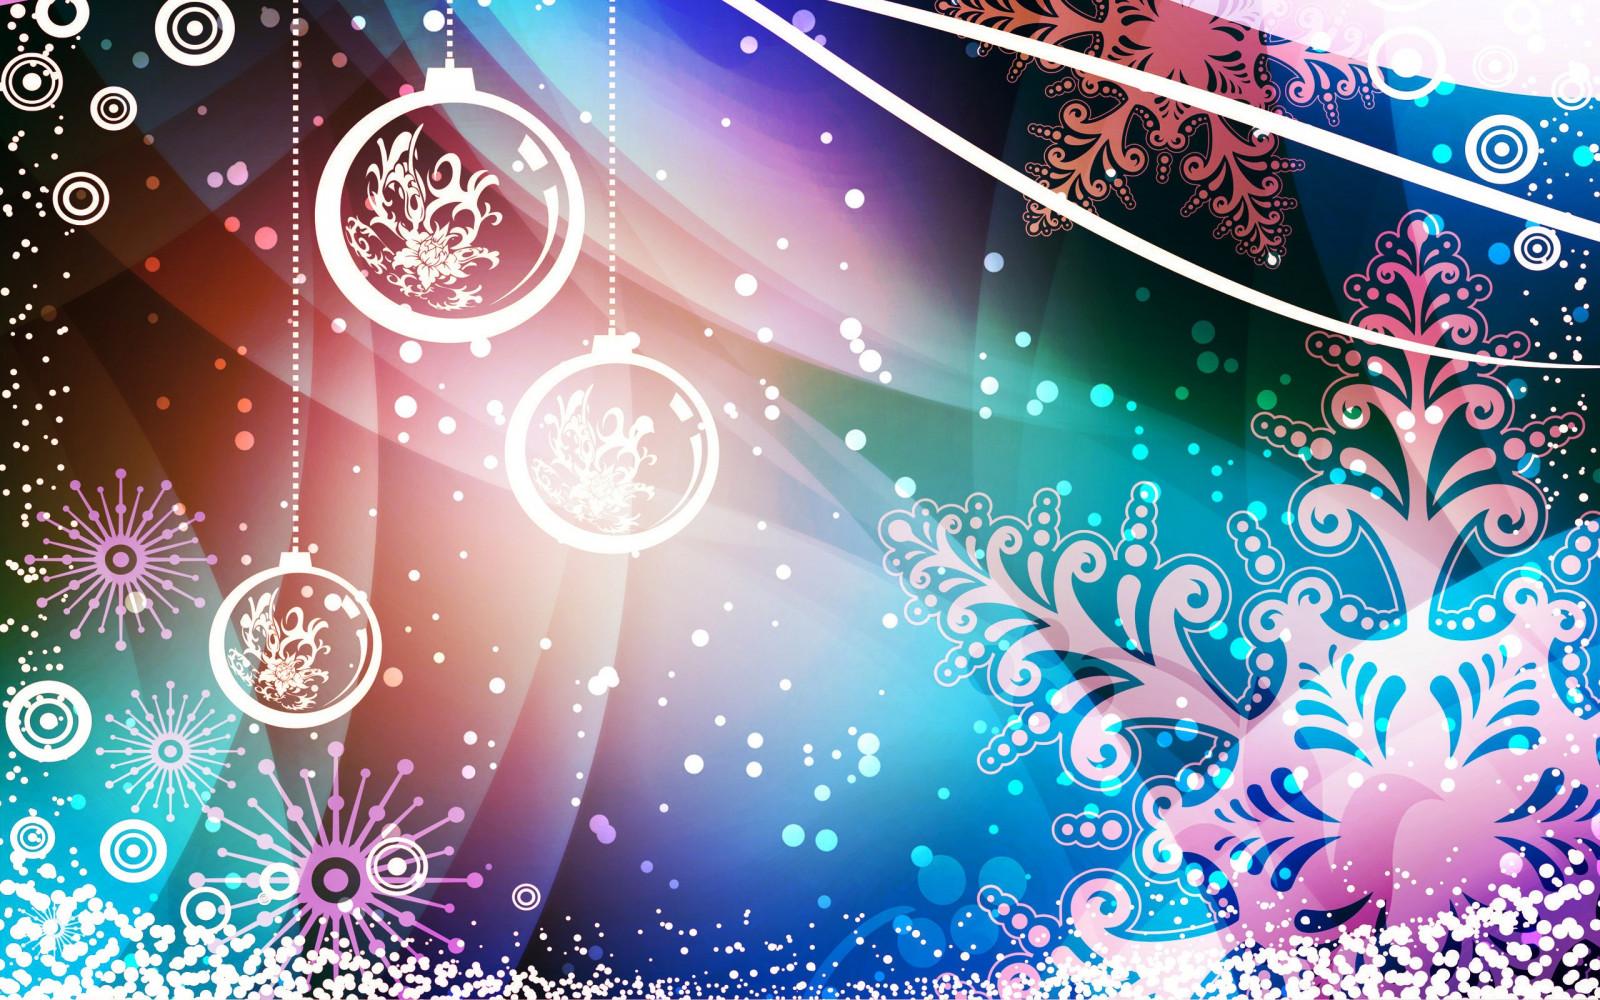 Hintergrundbilder : Illustration, Text, Kreis, Weihnachtsschmuck ...